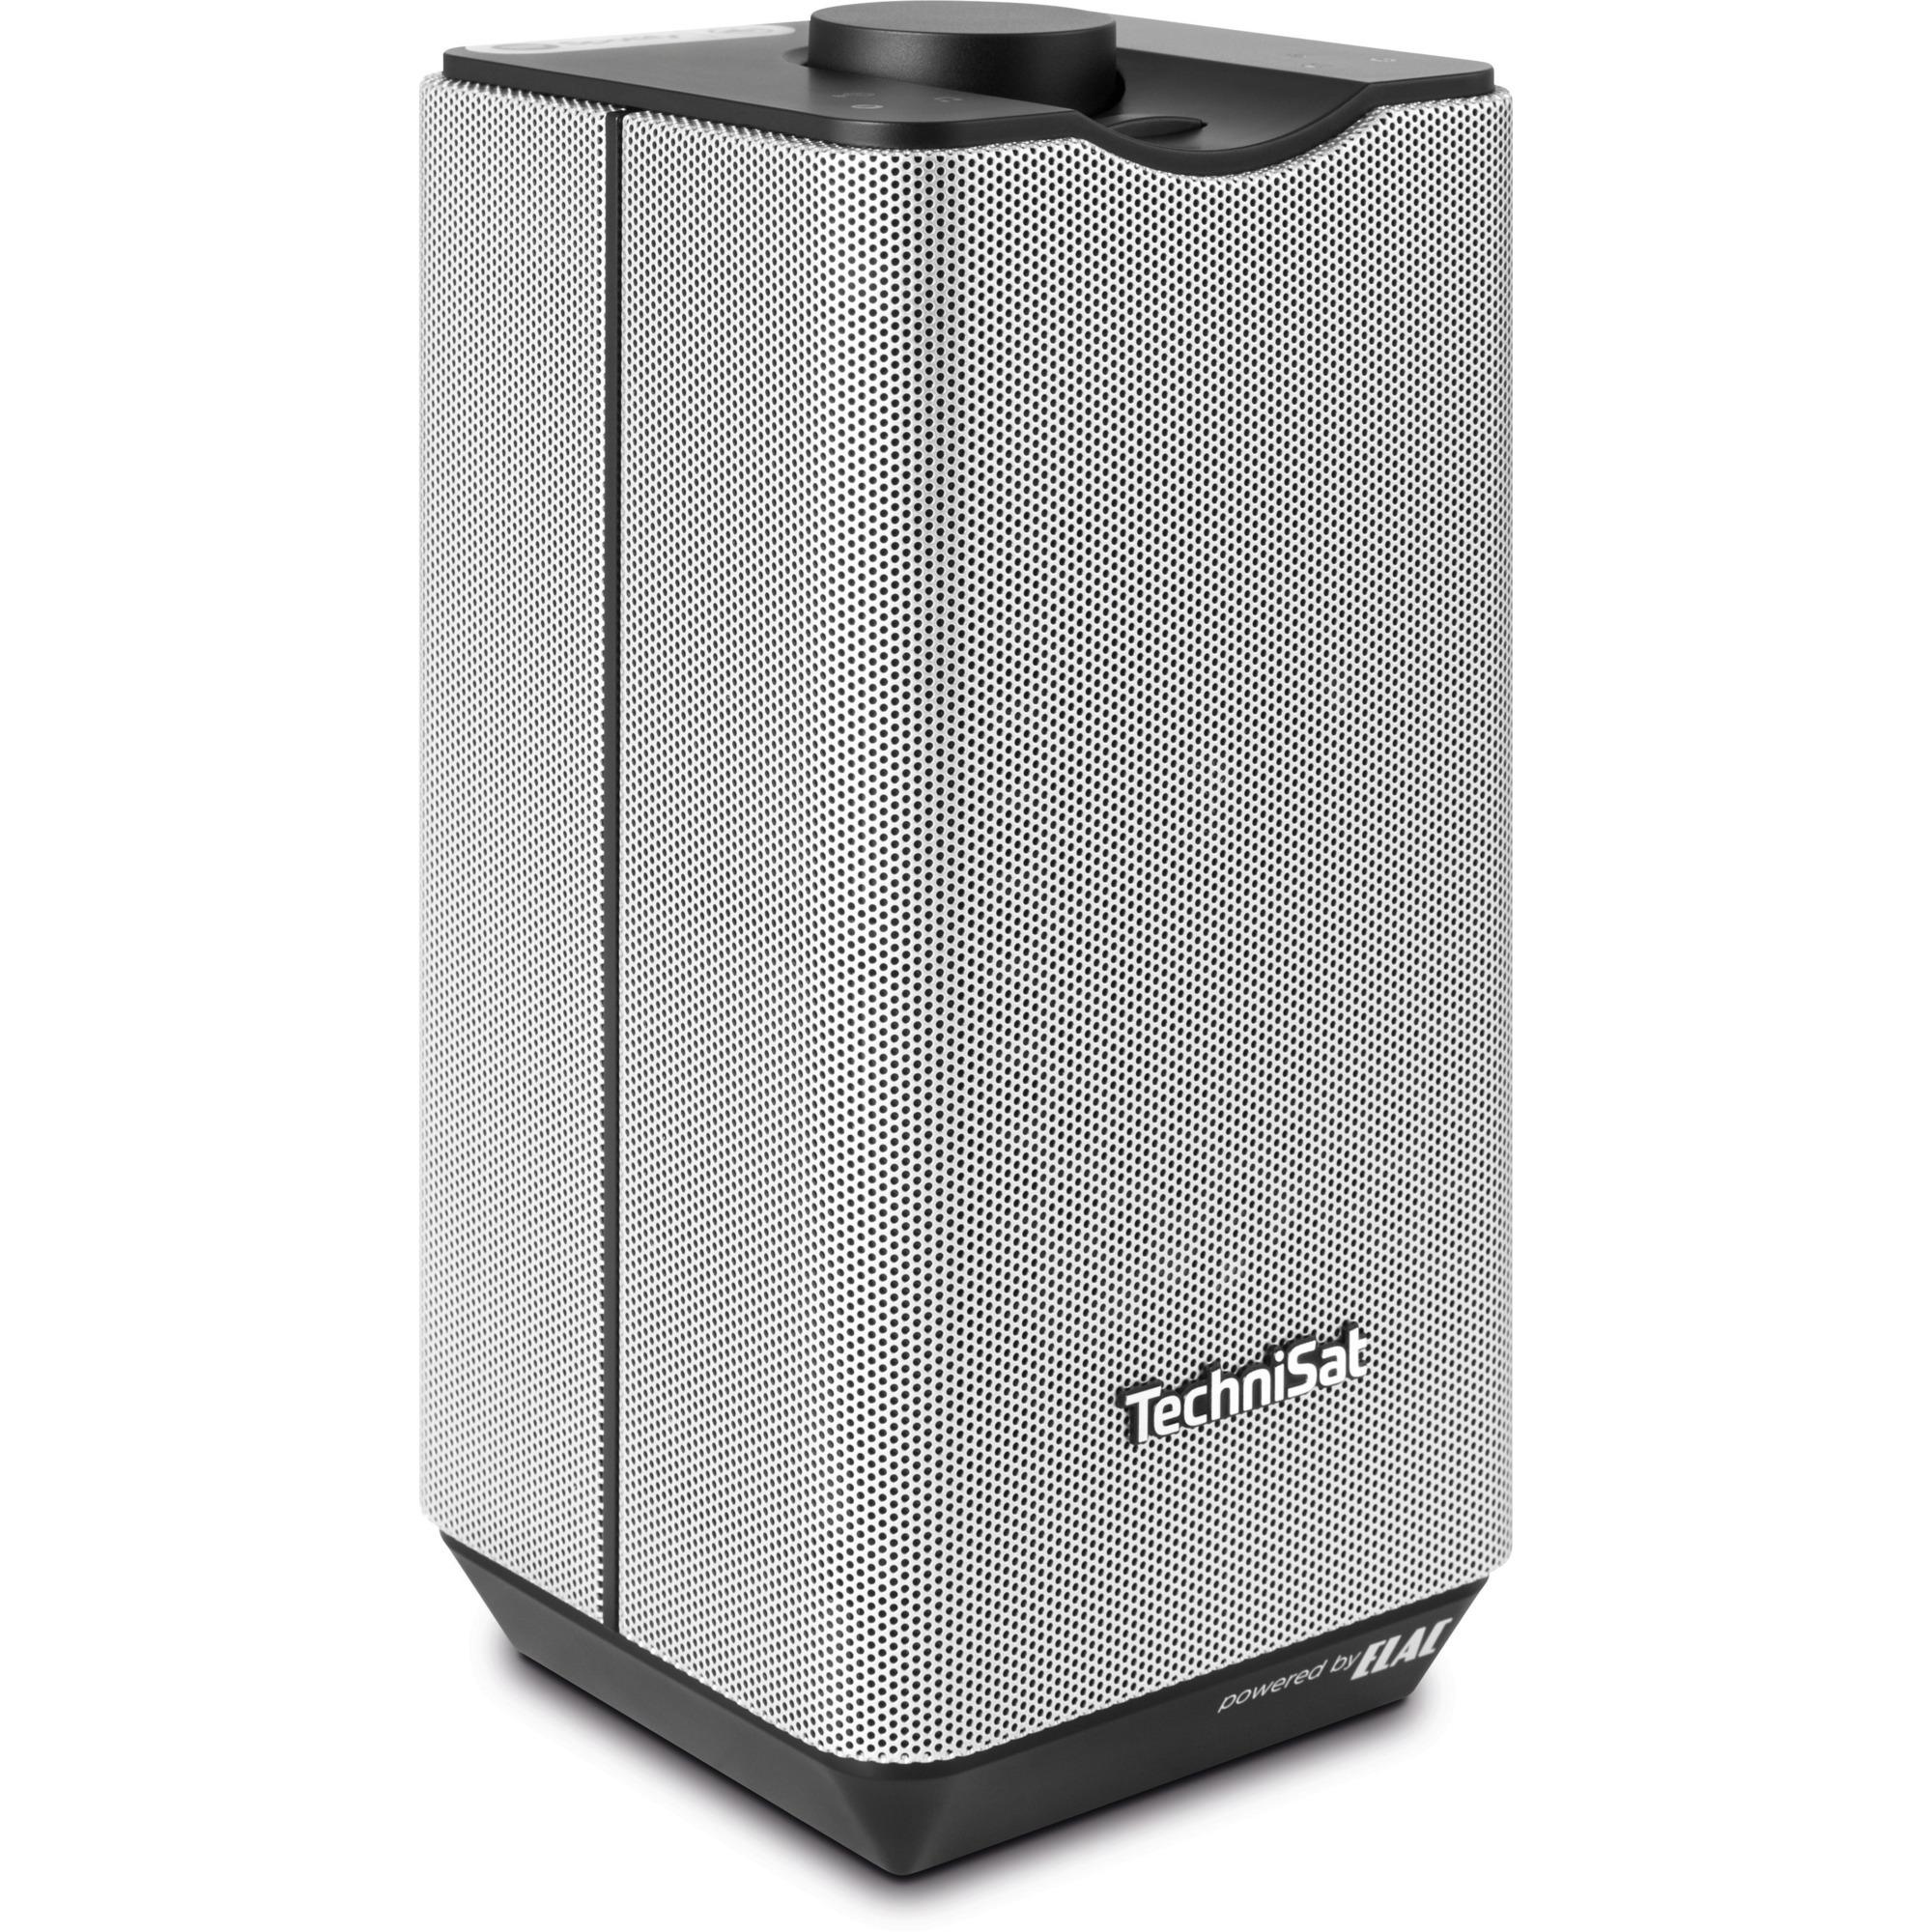 Audiomaster MR1 altavoz 30 W Aluminio, Negro